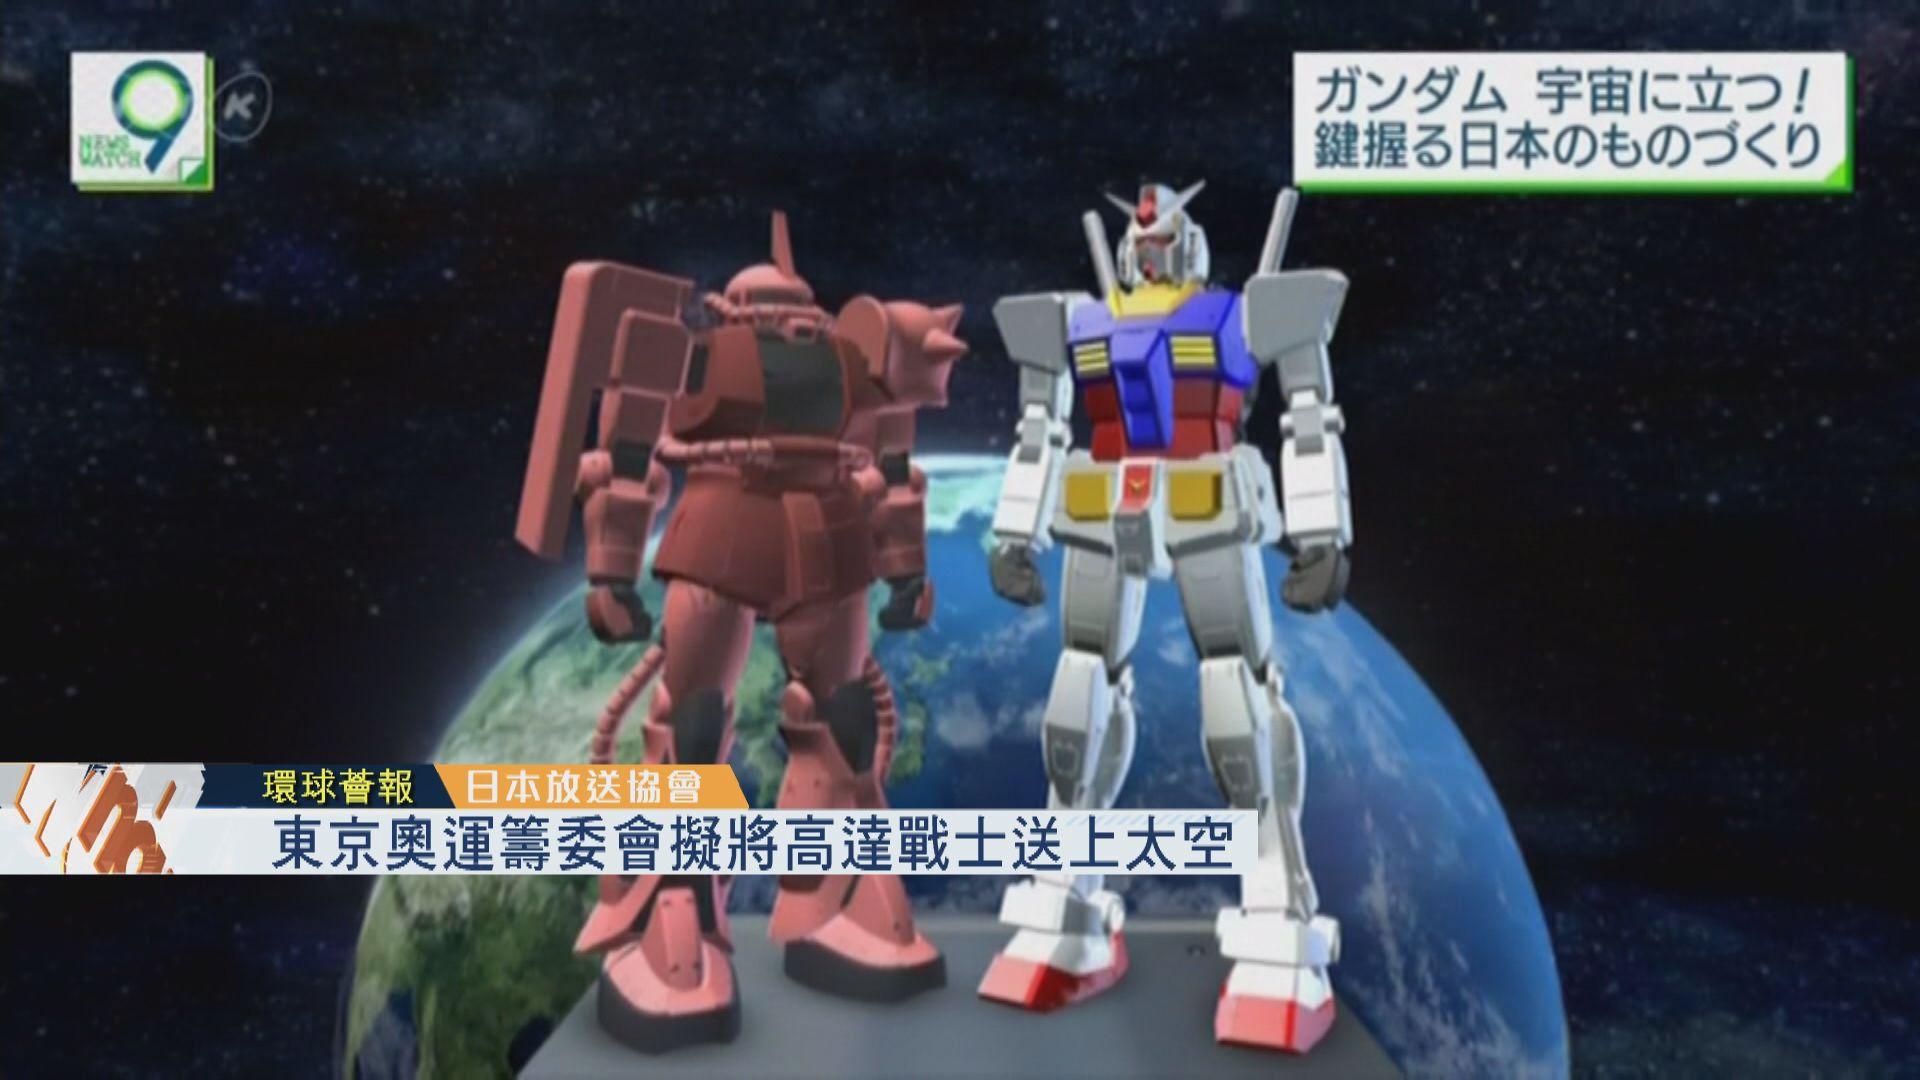 【環球薈報】東京奧運籌委會擬將高達戰士送上太空